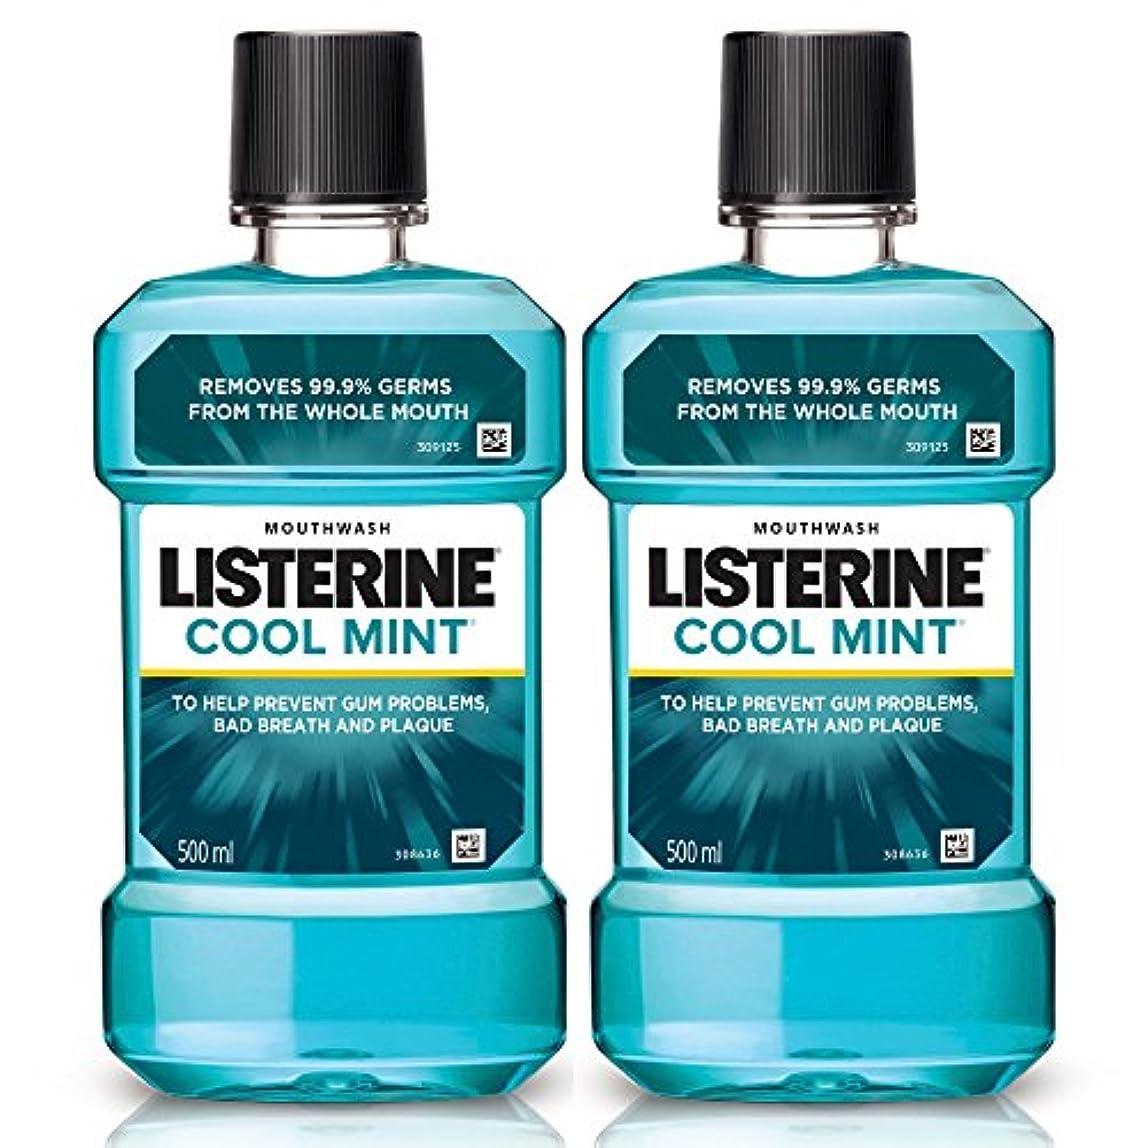 増幅する最後の明示的にListerine Cool Mint Mouthwash 500ml (Pack of 2)